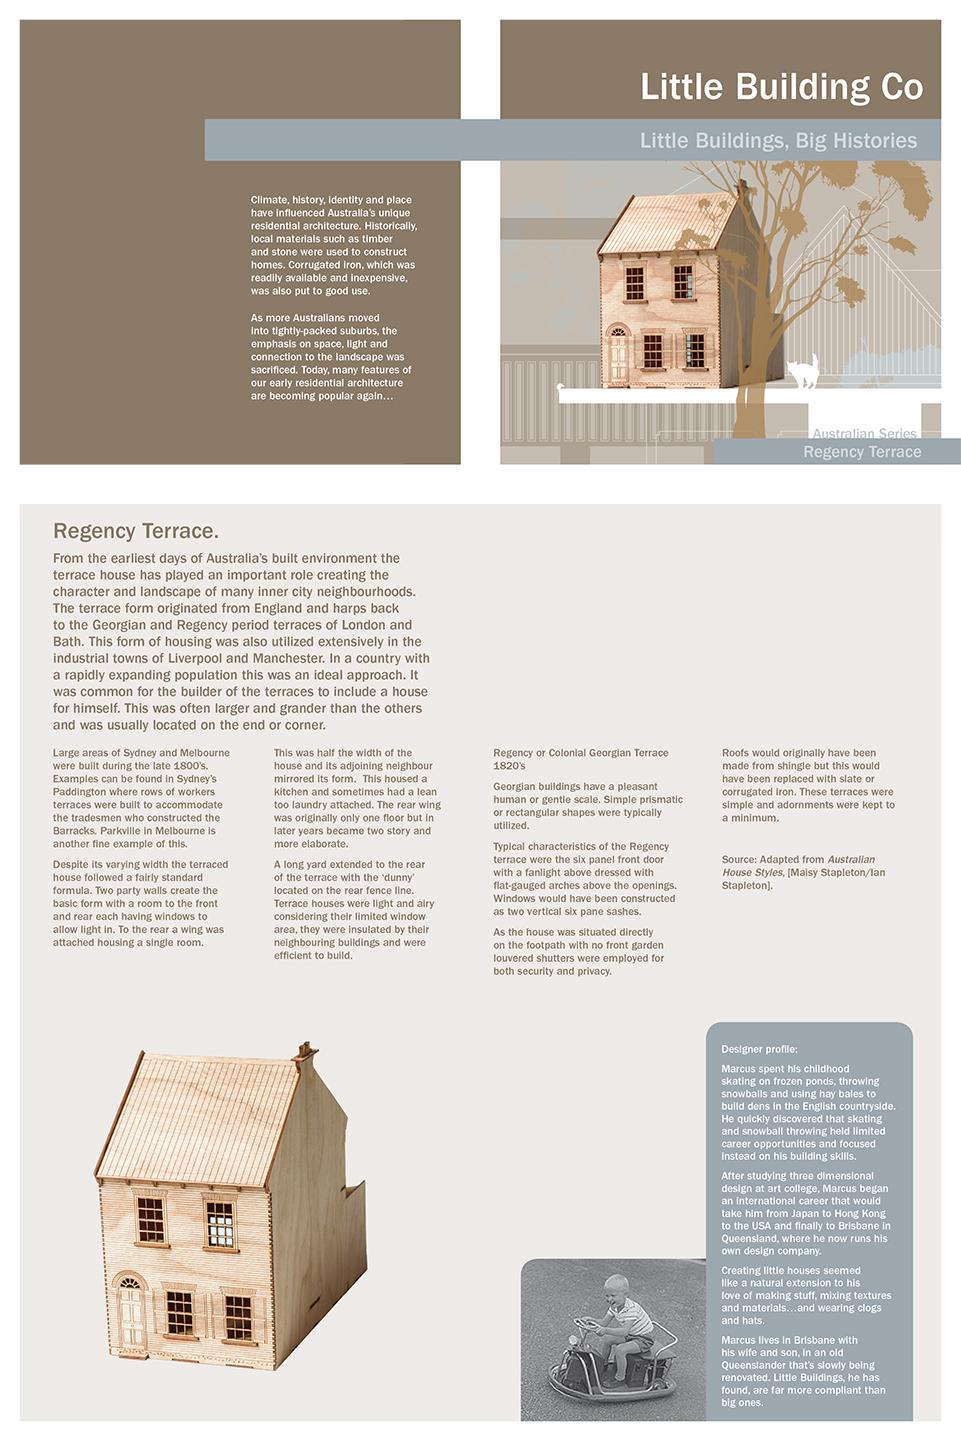 Regency Terrace Literature.